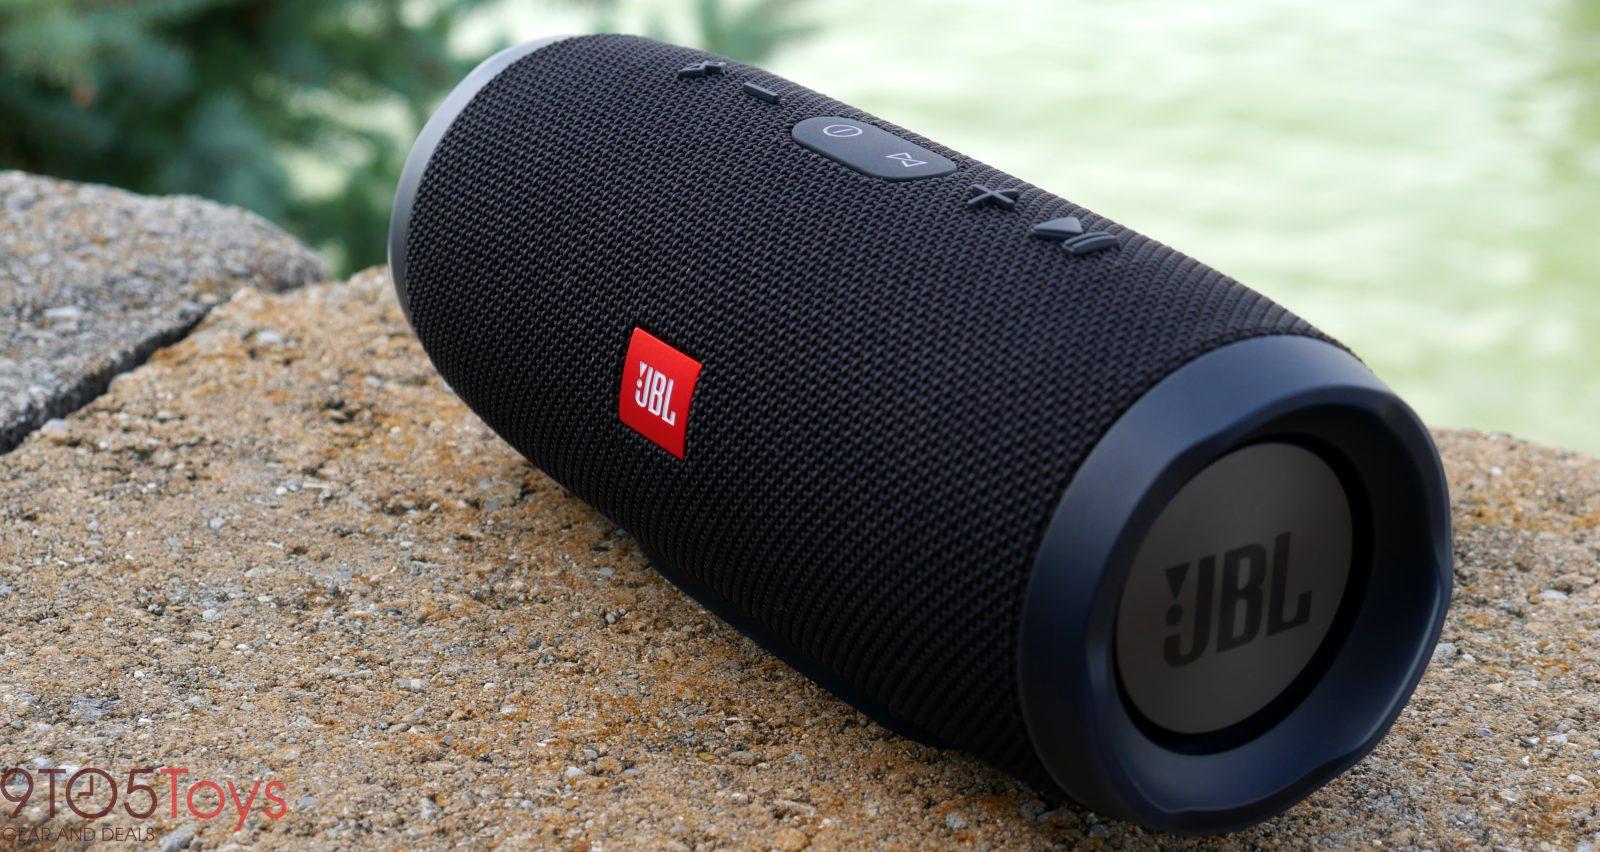 JBL Charge 3 Bluetooth Speaker with waterproof design $70 (Cert. Refurb, Orig. $150)